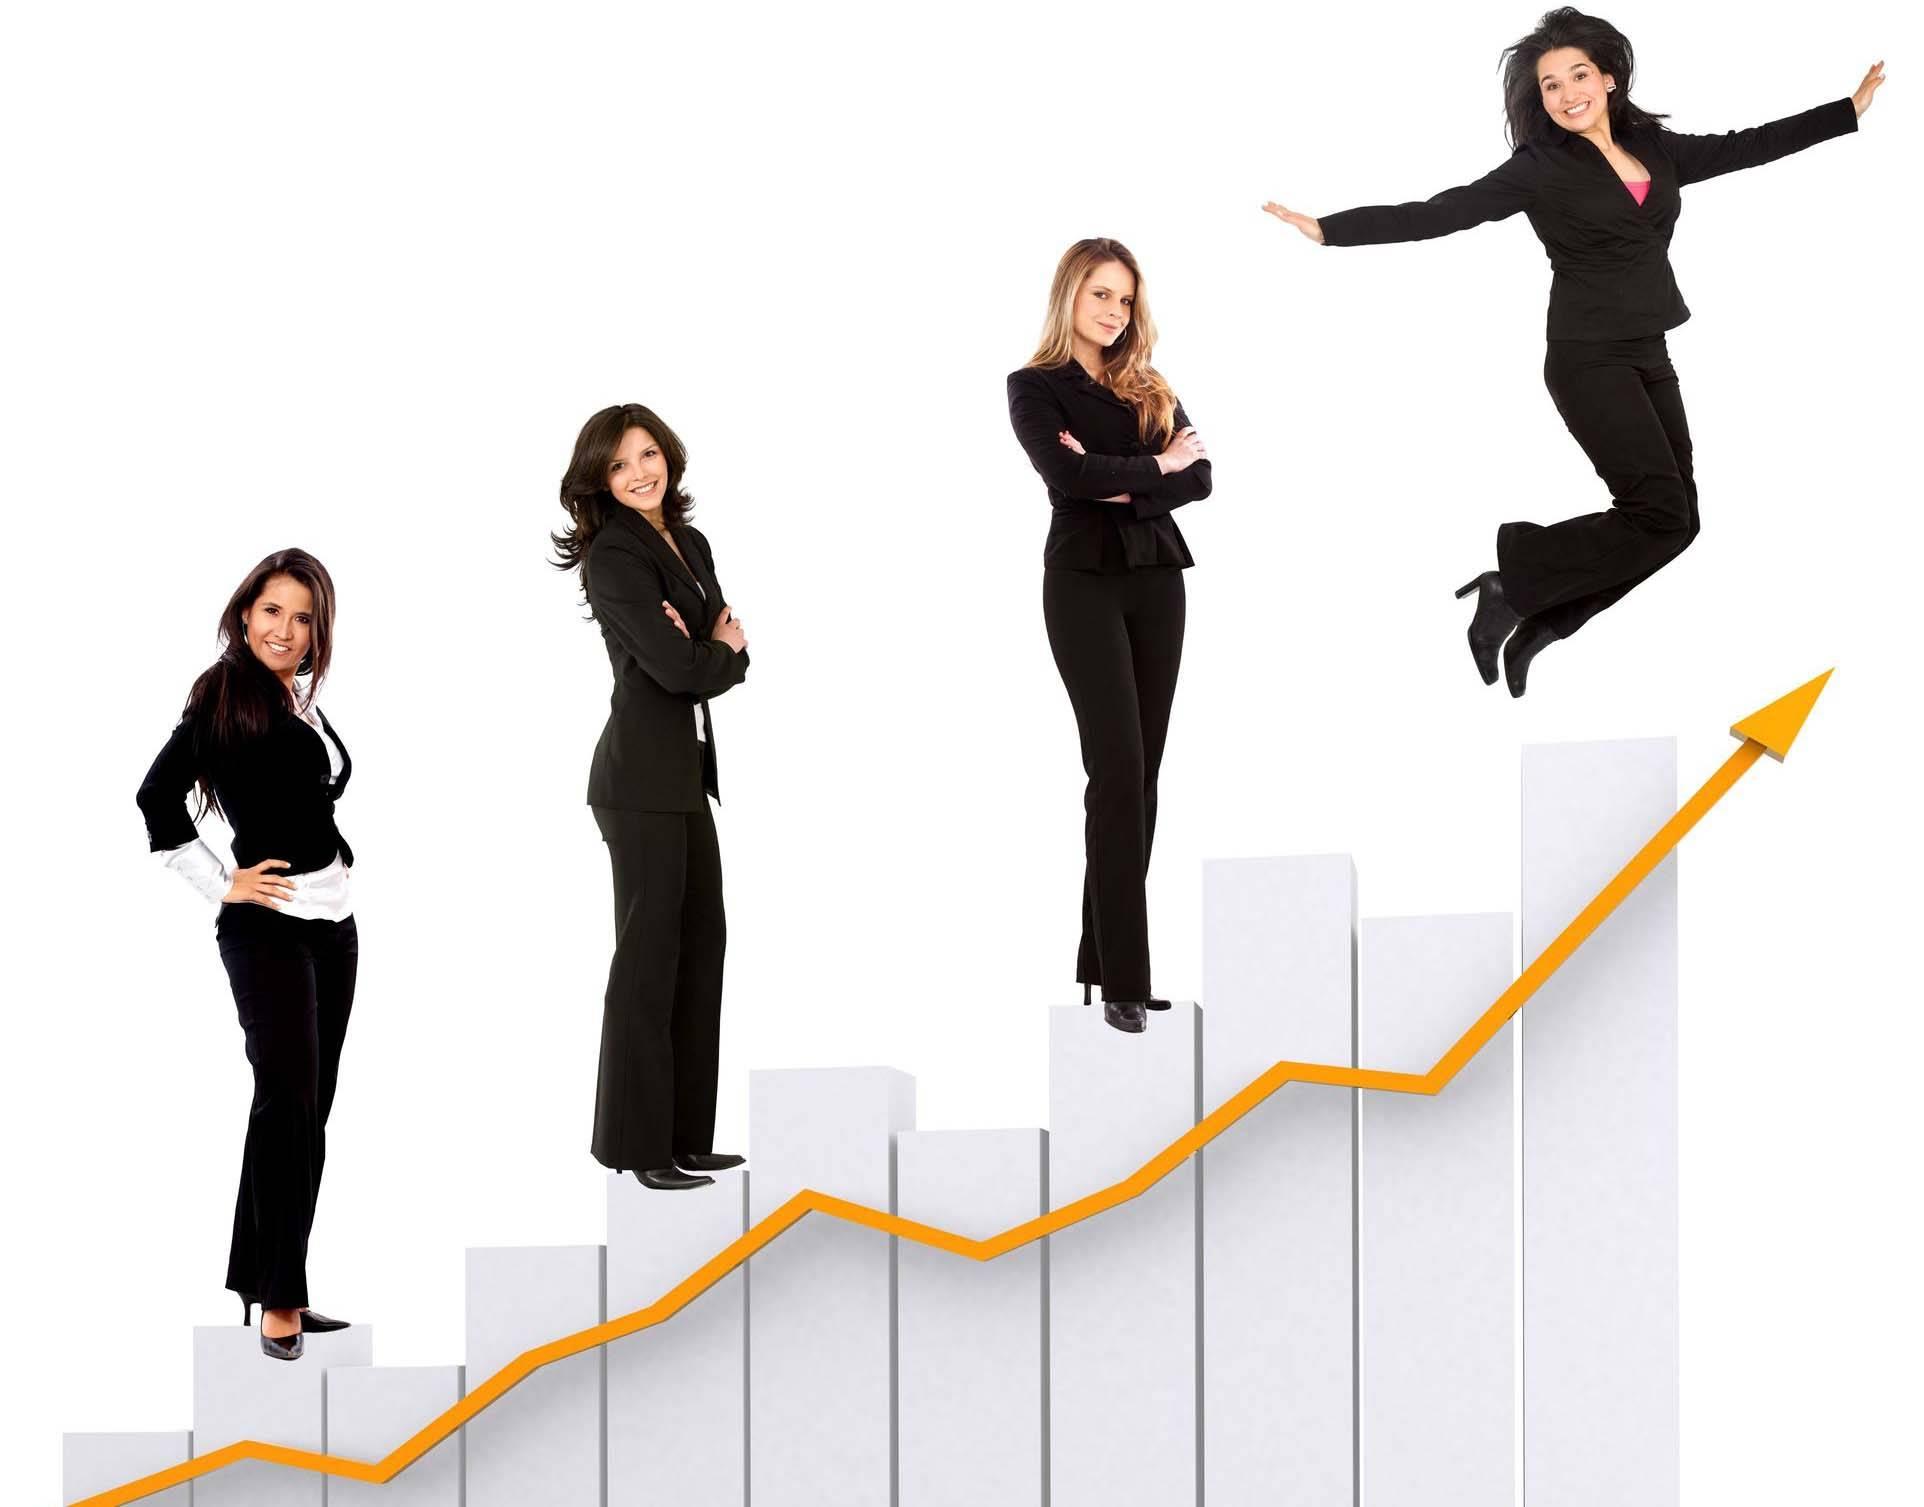 Finanziamenti a Start Up Femminile